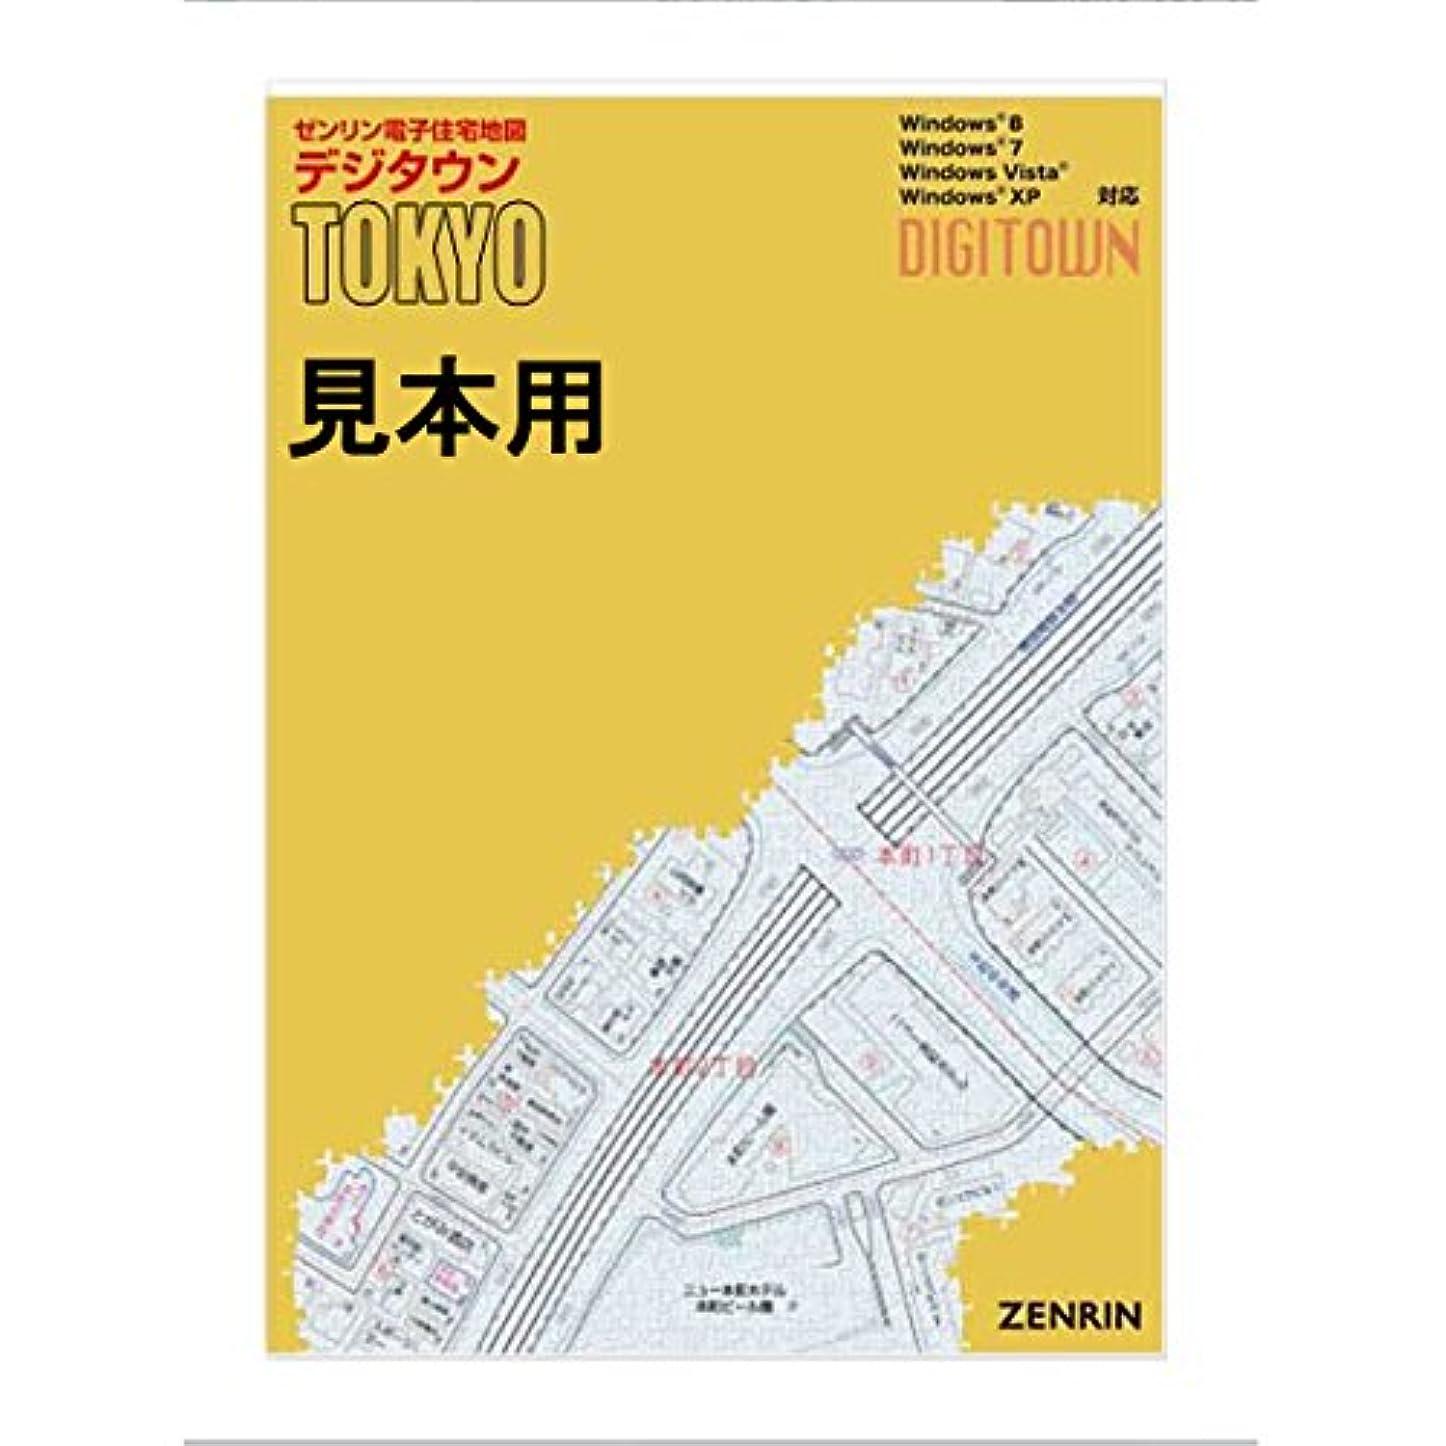 有彩色のチョークラボゼンリン電子住宅地図 デジタウン 福岡県 大川市 発行年月201802 402120Z0J